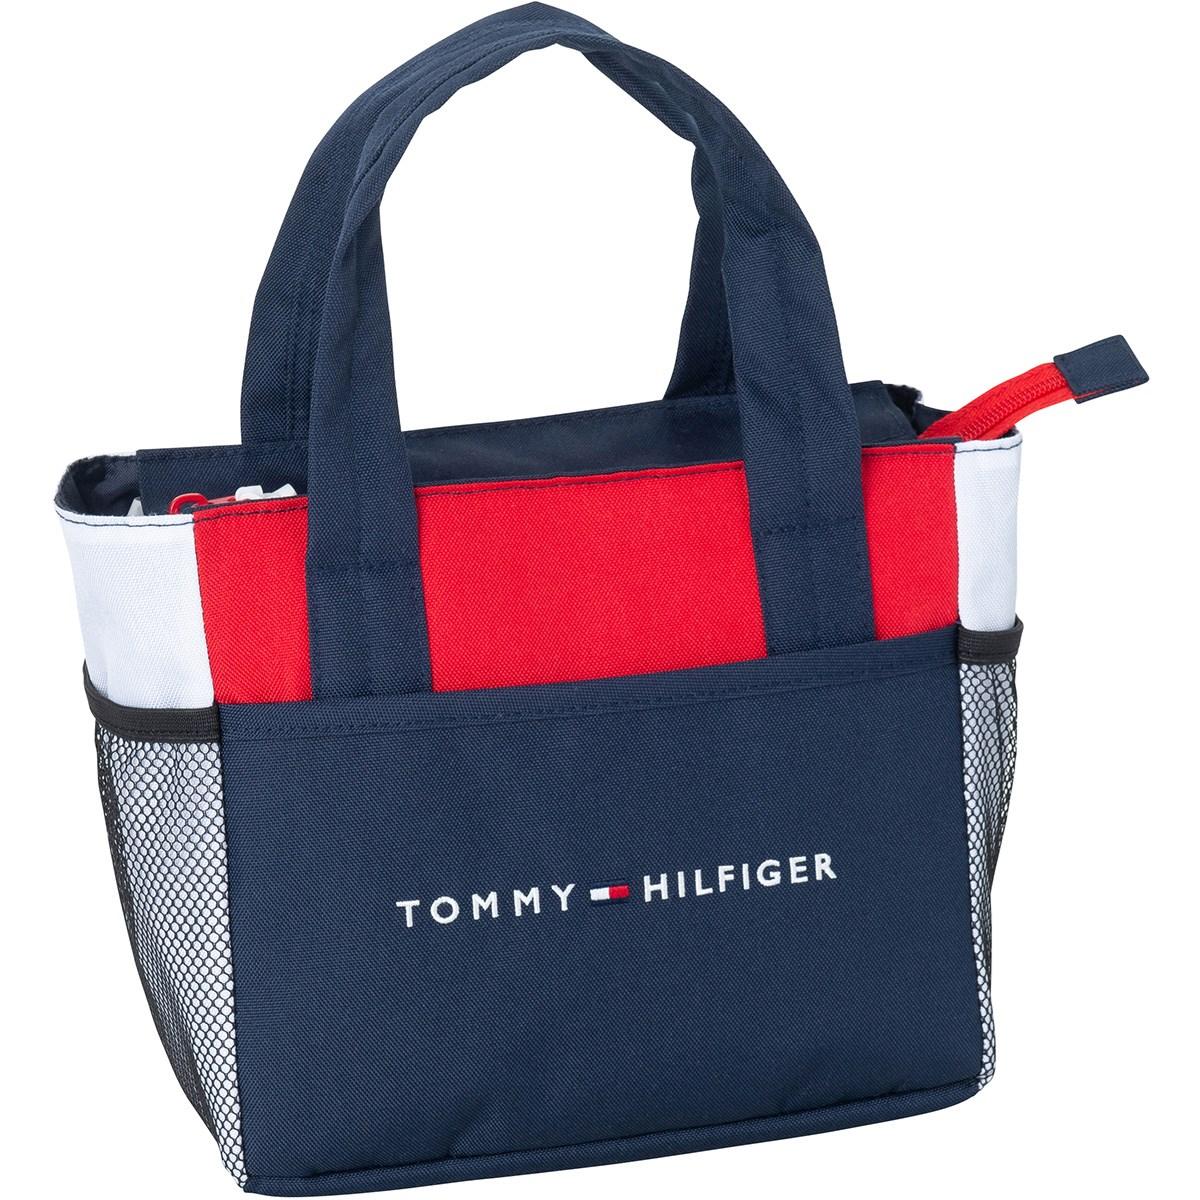 トミー ヒルフィガー ゴルフ TOMMY HILFIGER GOLF SIGNATURE ラウンドバッグ トリコロール